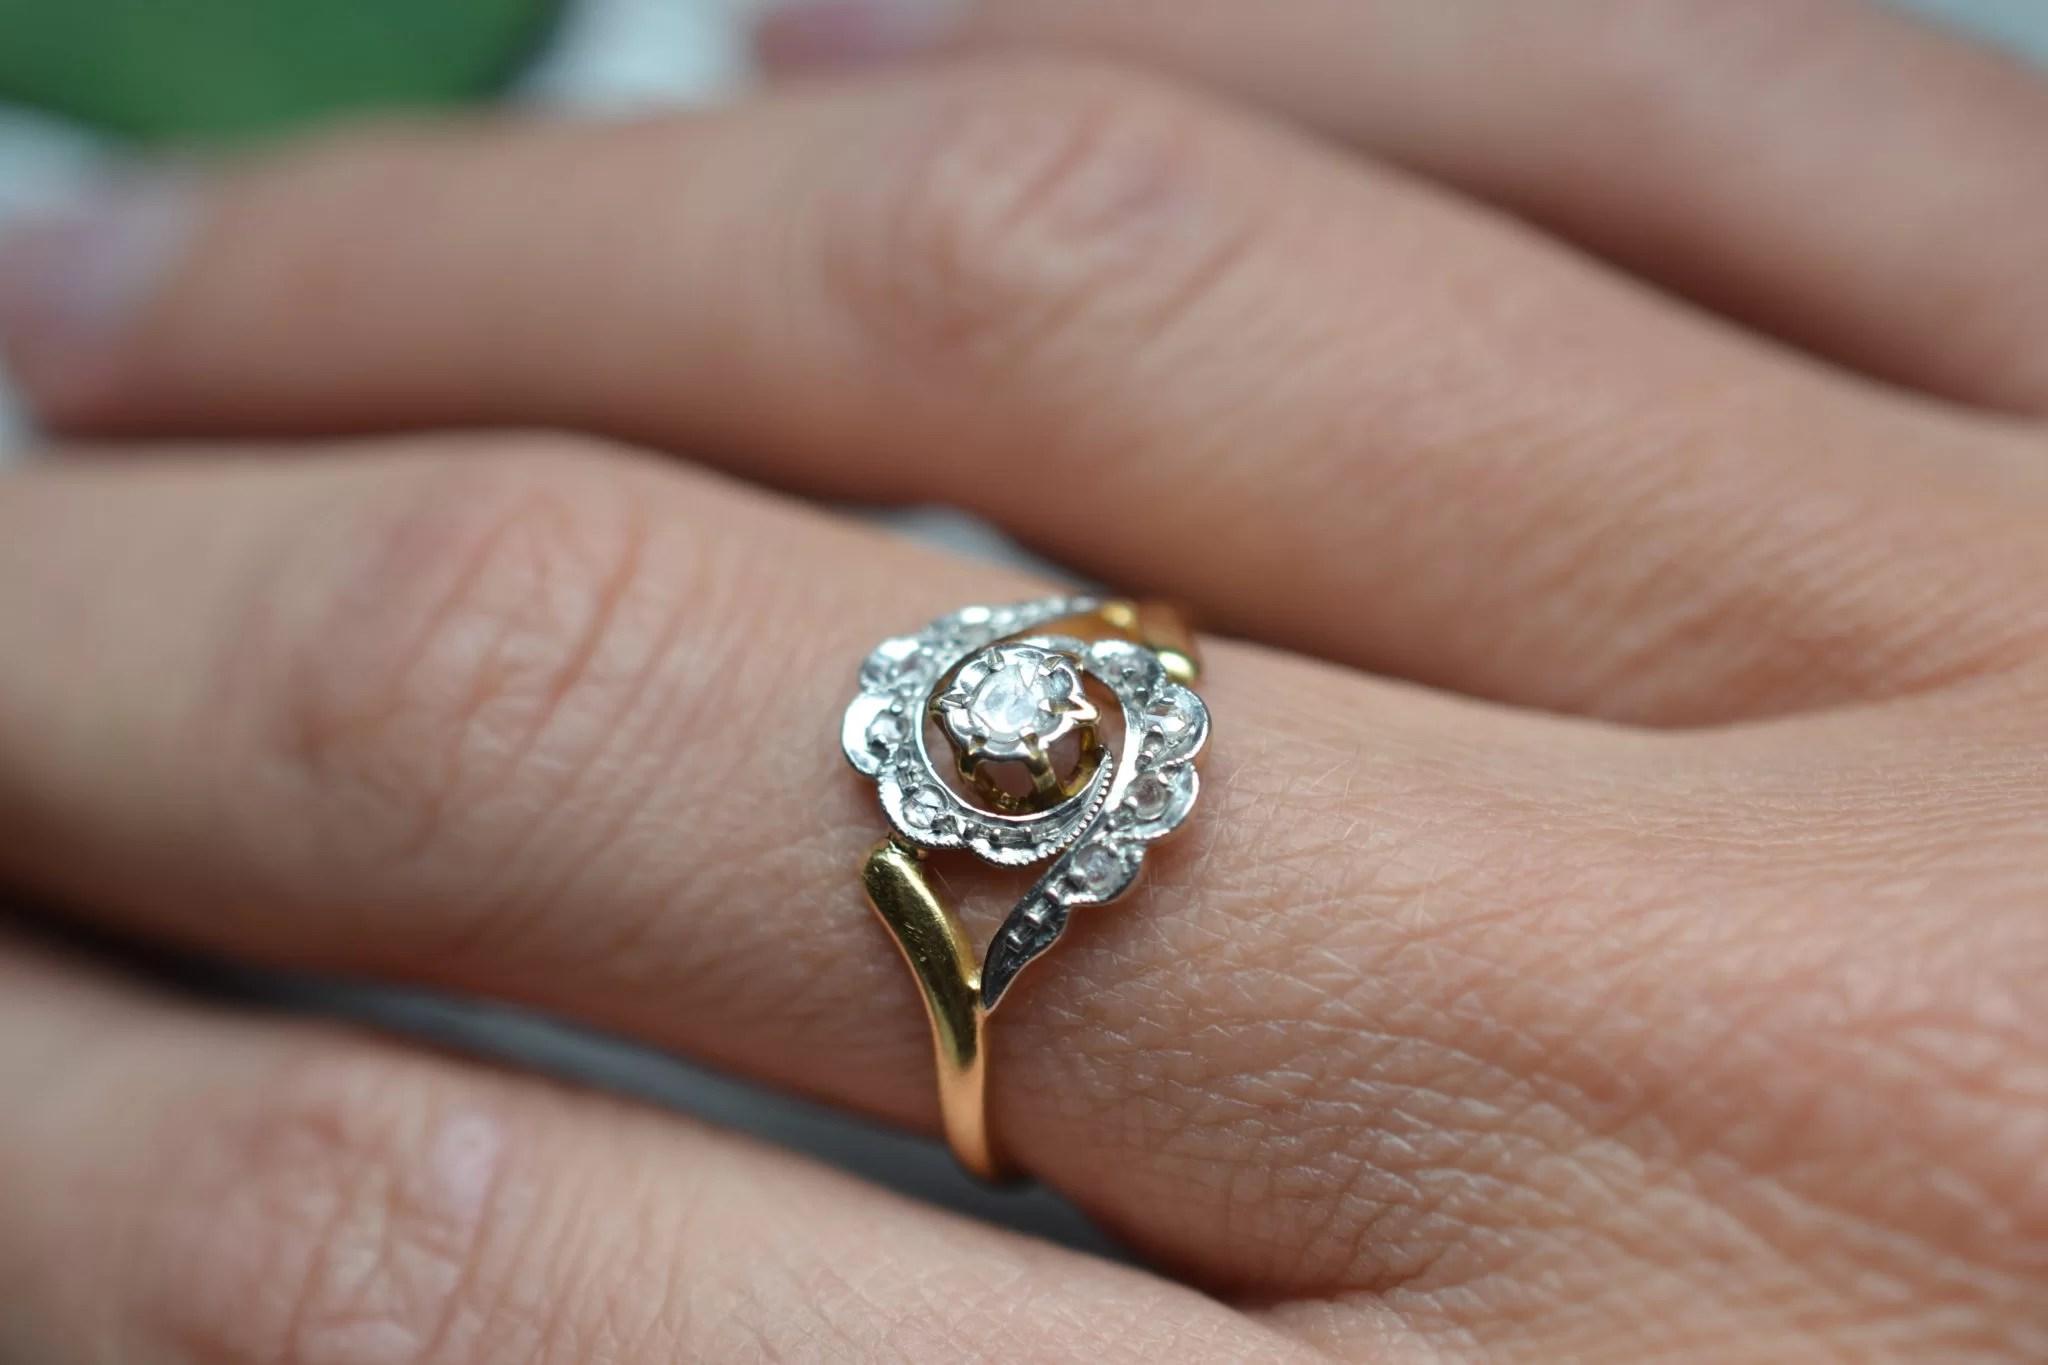 bague vintage fiançailles mariage - tourbillon - or jaune 18 carats - bijoux anciens et vintage - circulaire - noircarat.fr